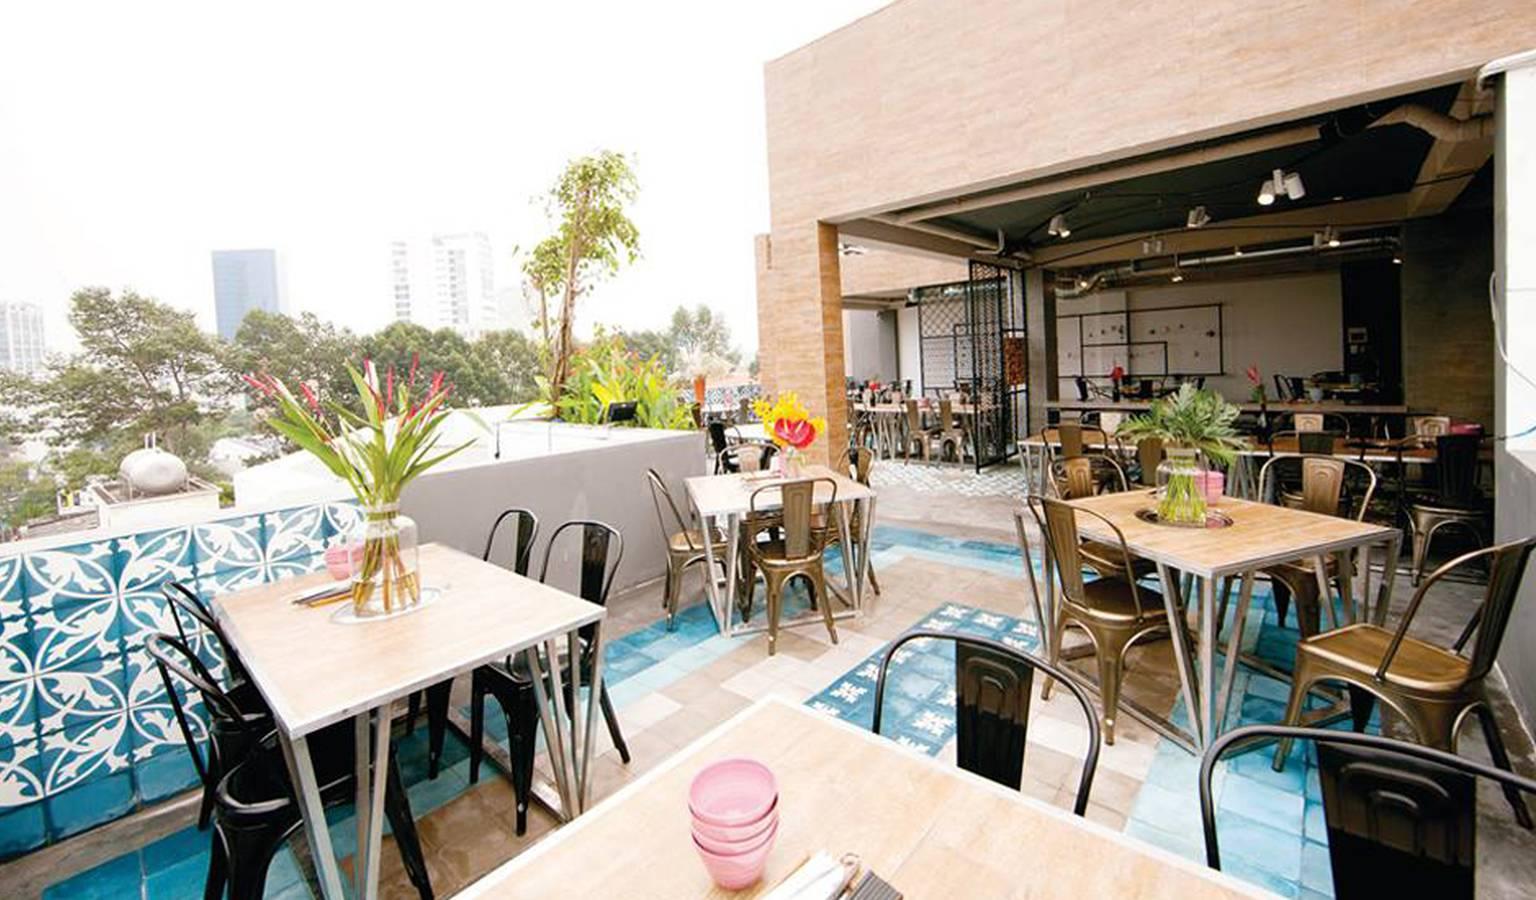 Quán nướng ngon rẻ vị trí cao nhất Sài Gòn